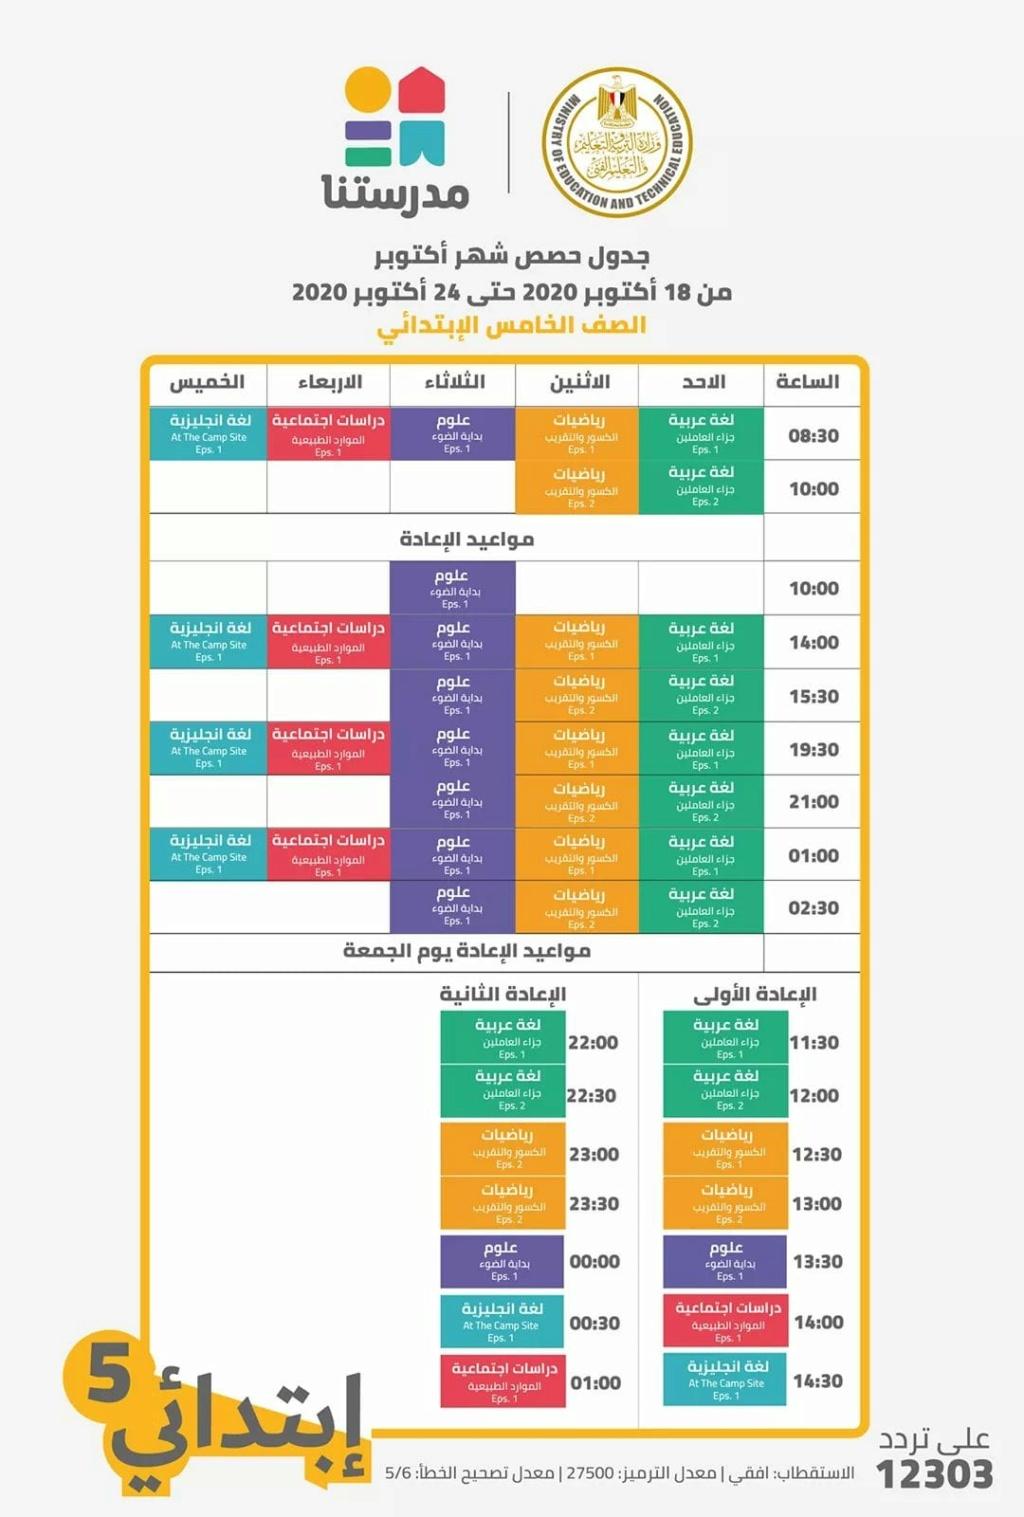 جدول حصص قناة مدرستنا لصفوف الابتدائي والاعدادي 16147